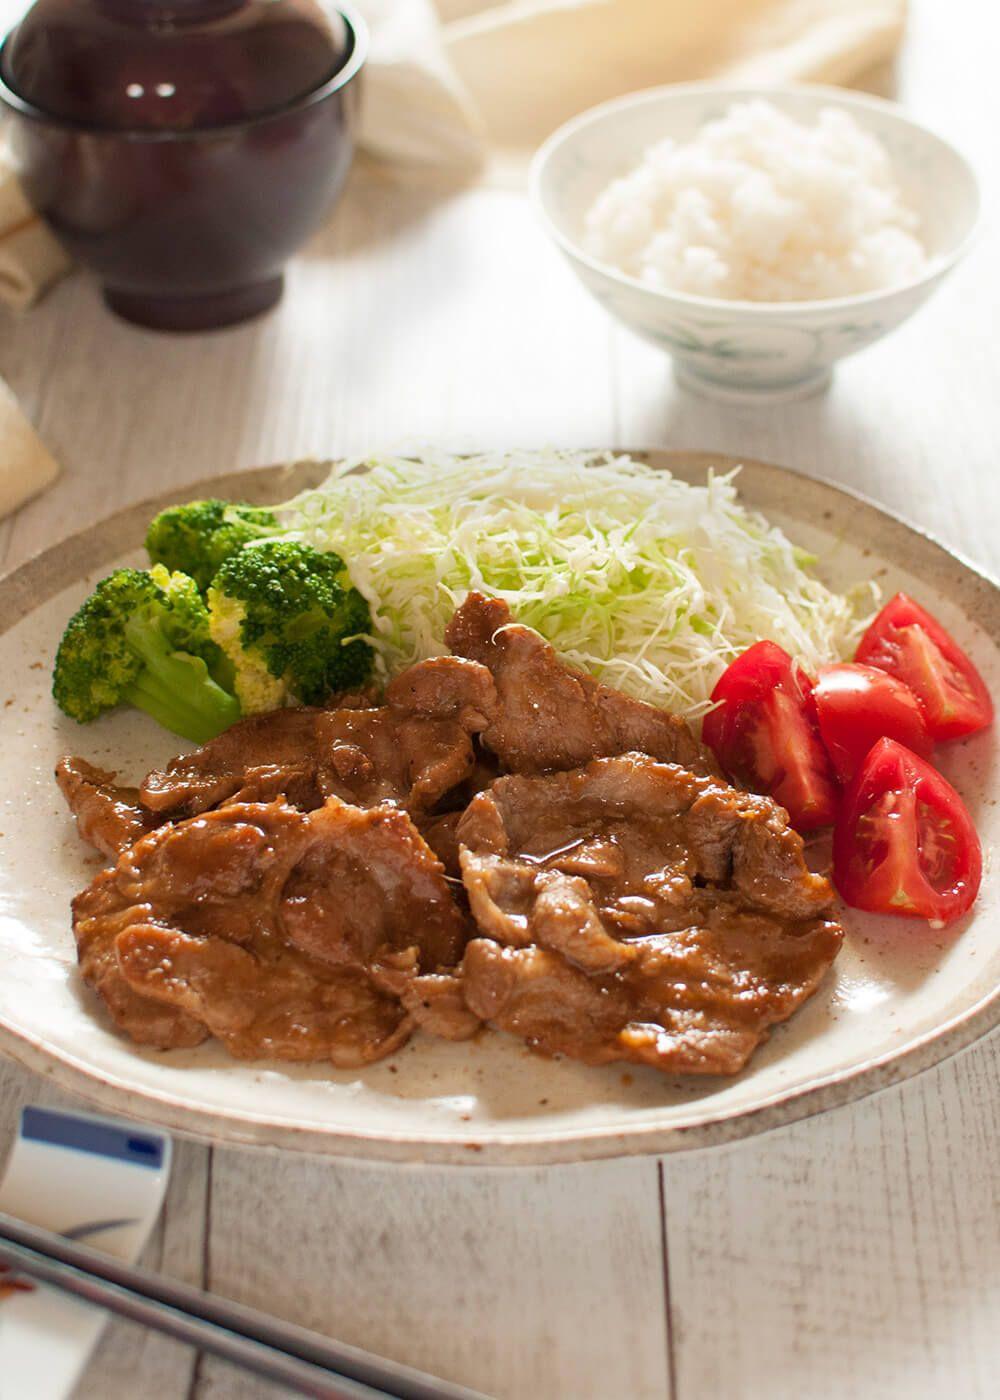 Le Porc Shogayaki (Porc au Gingembre) est un porc sauté sauté à la sauce savoureuse au gingembre.  C'est un menu de repas très populaire au Japon.